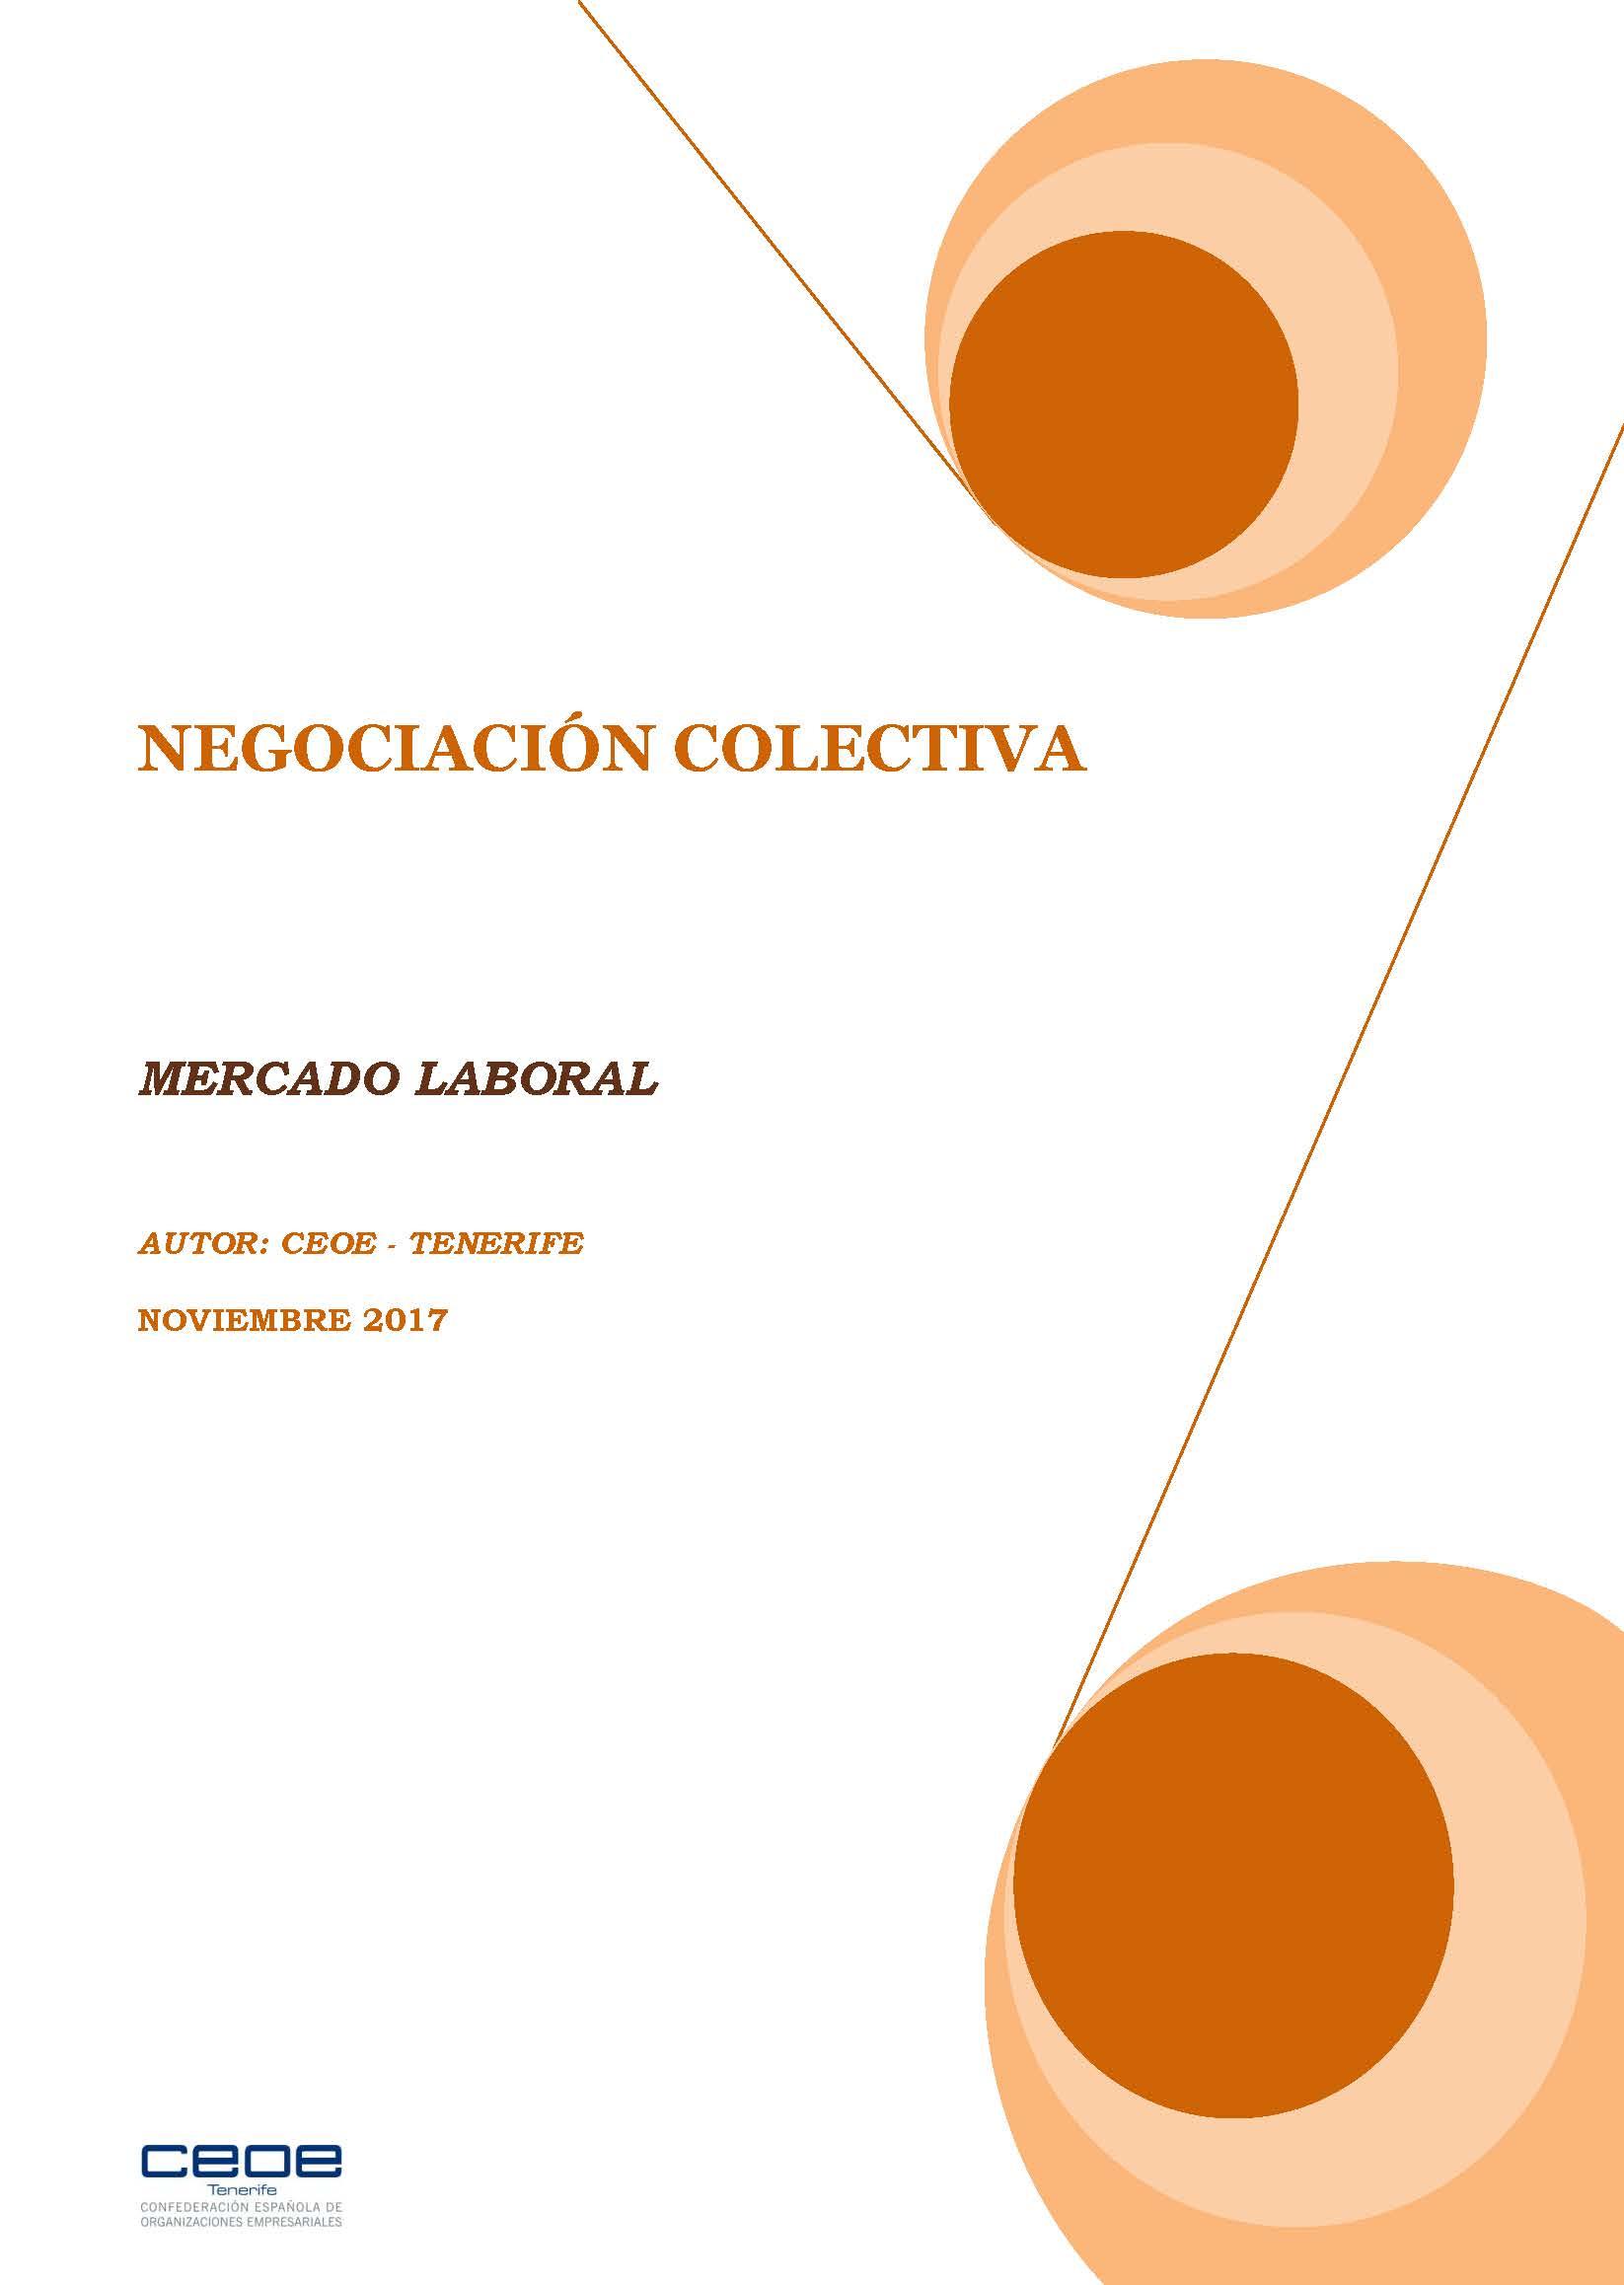 MERCADO LABORAL - NEGOCIACION COLECTIVA NOVIEMBRE 2017